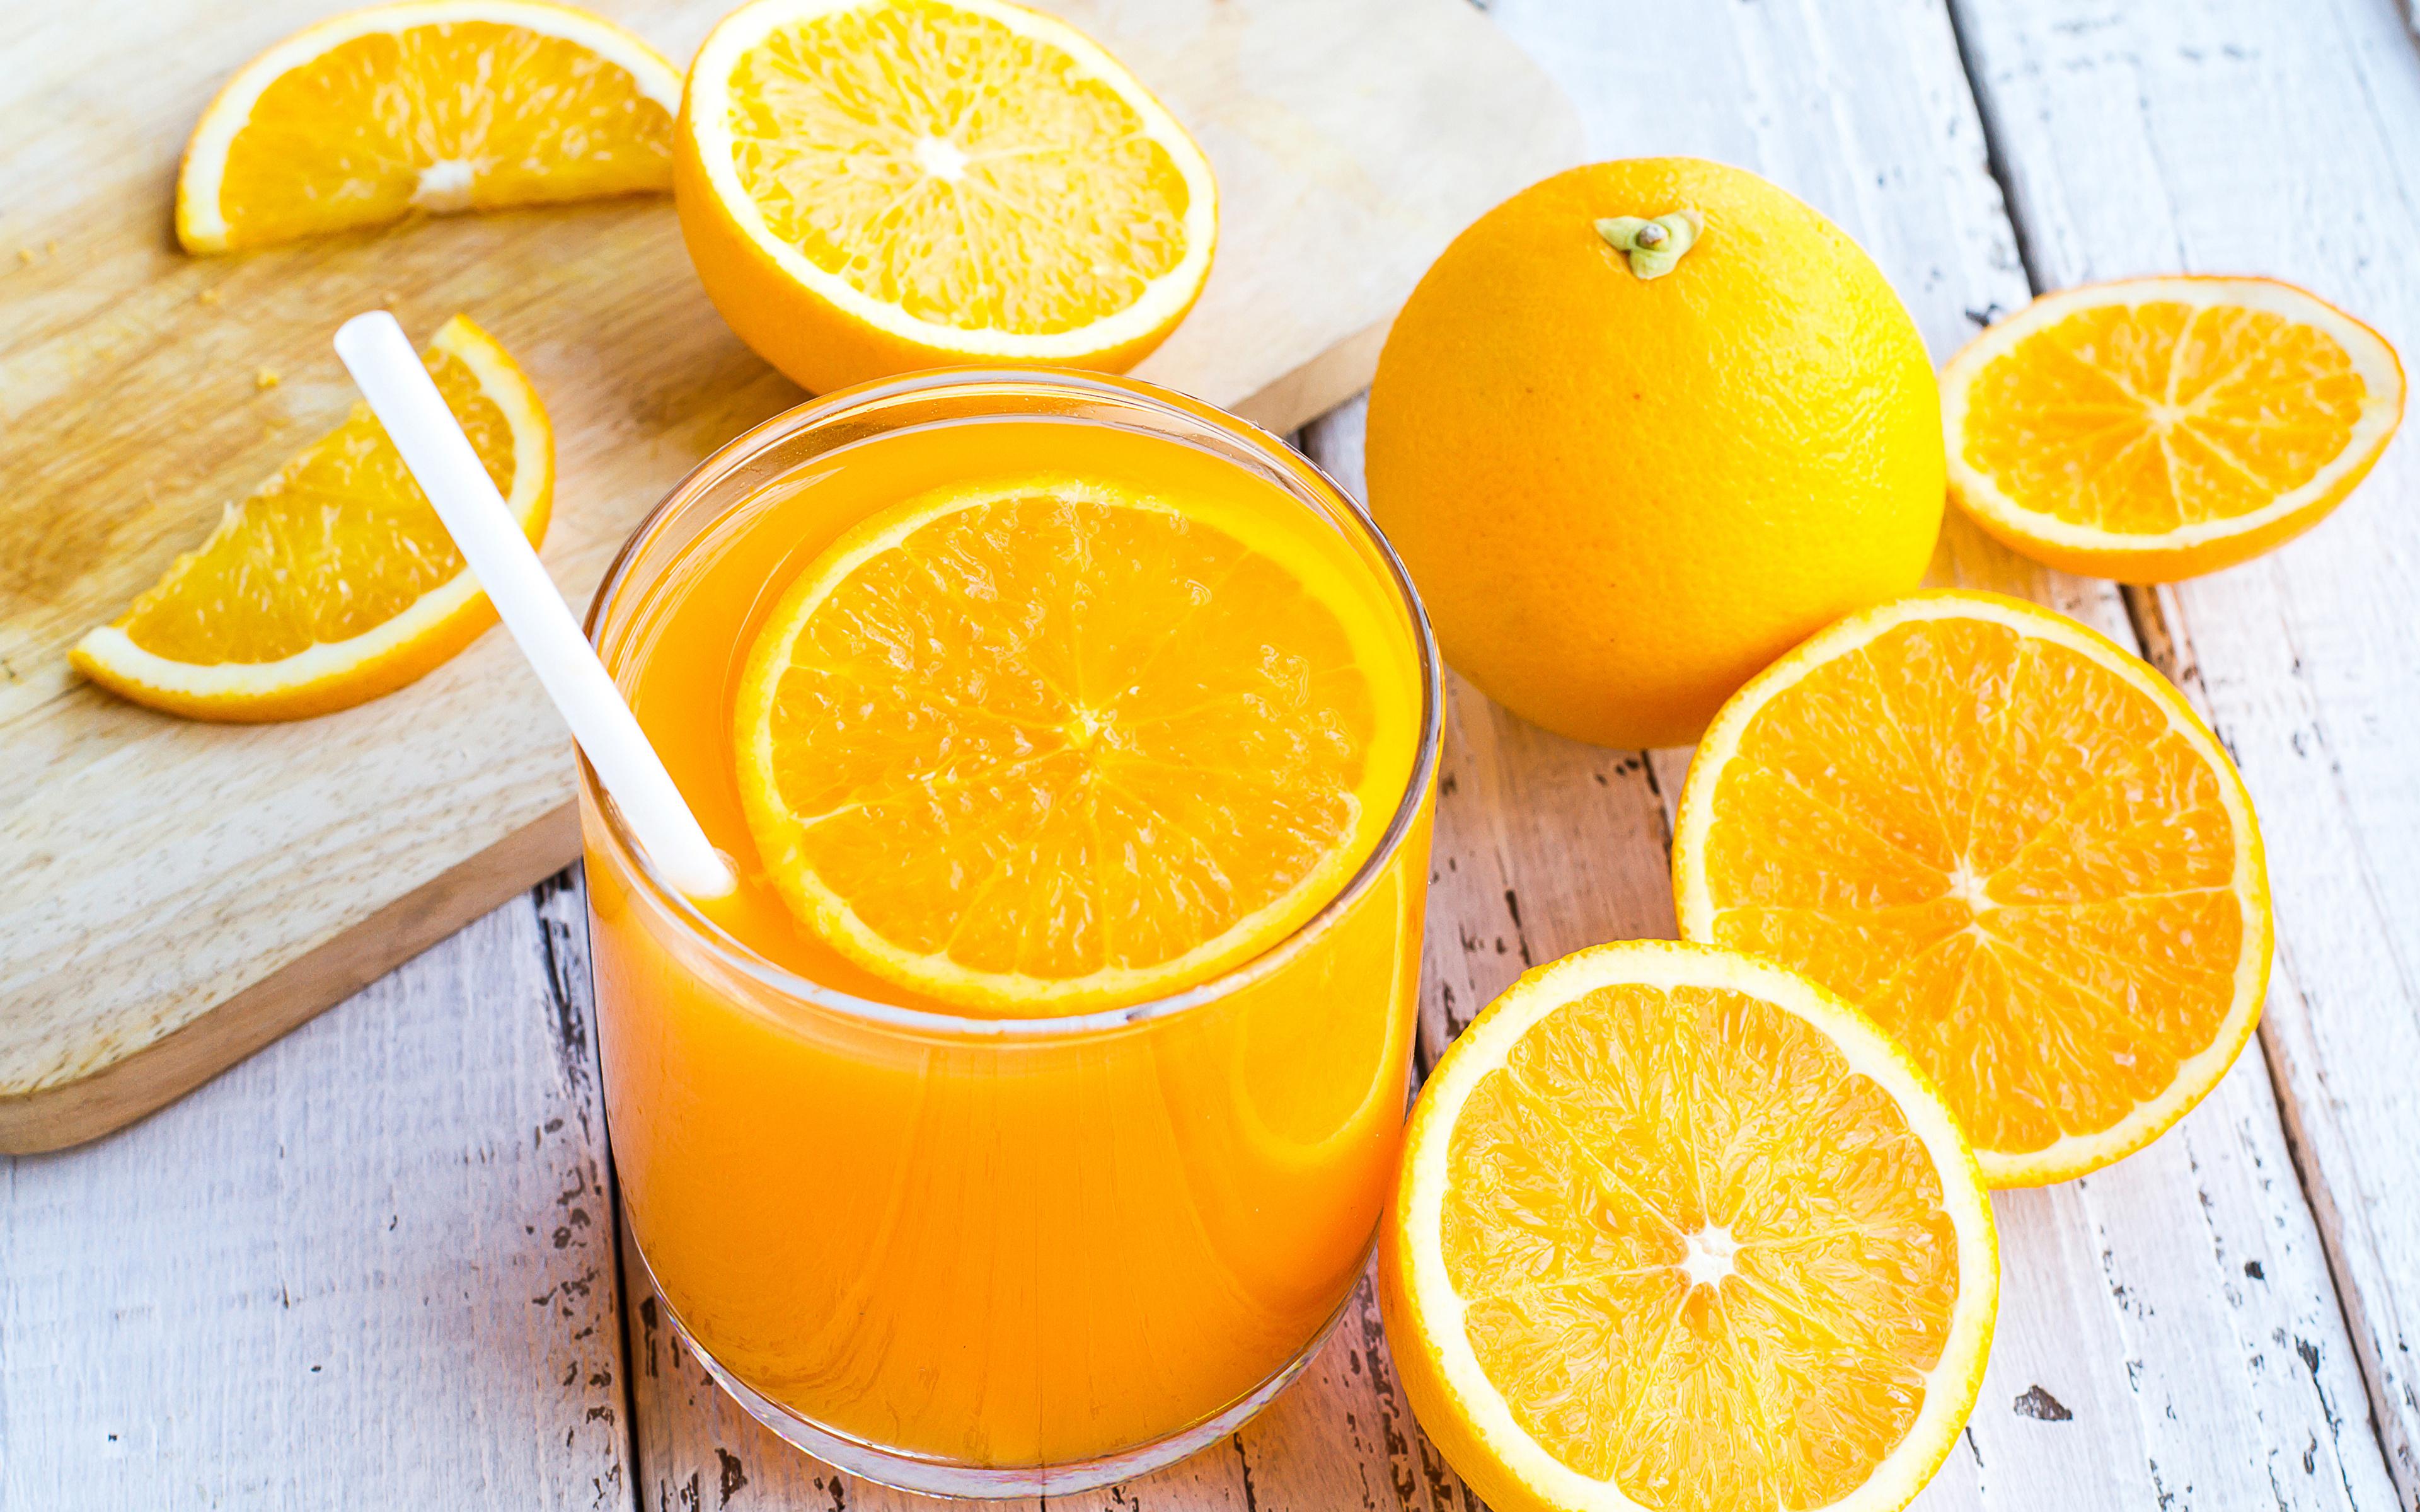 Фотография Сок Апельсин стакана Пища 3840x2400 Стакан стакане Еда Продукты питания